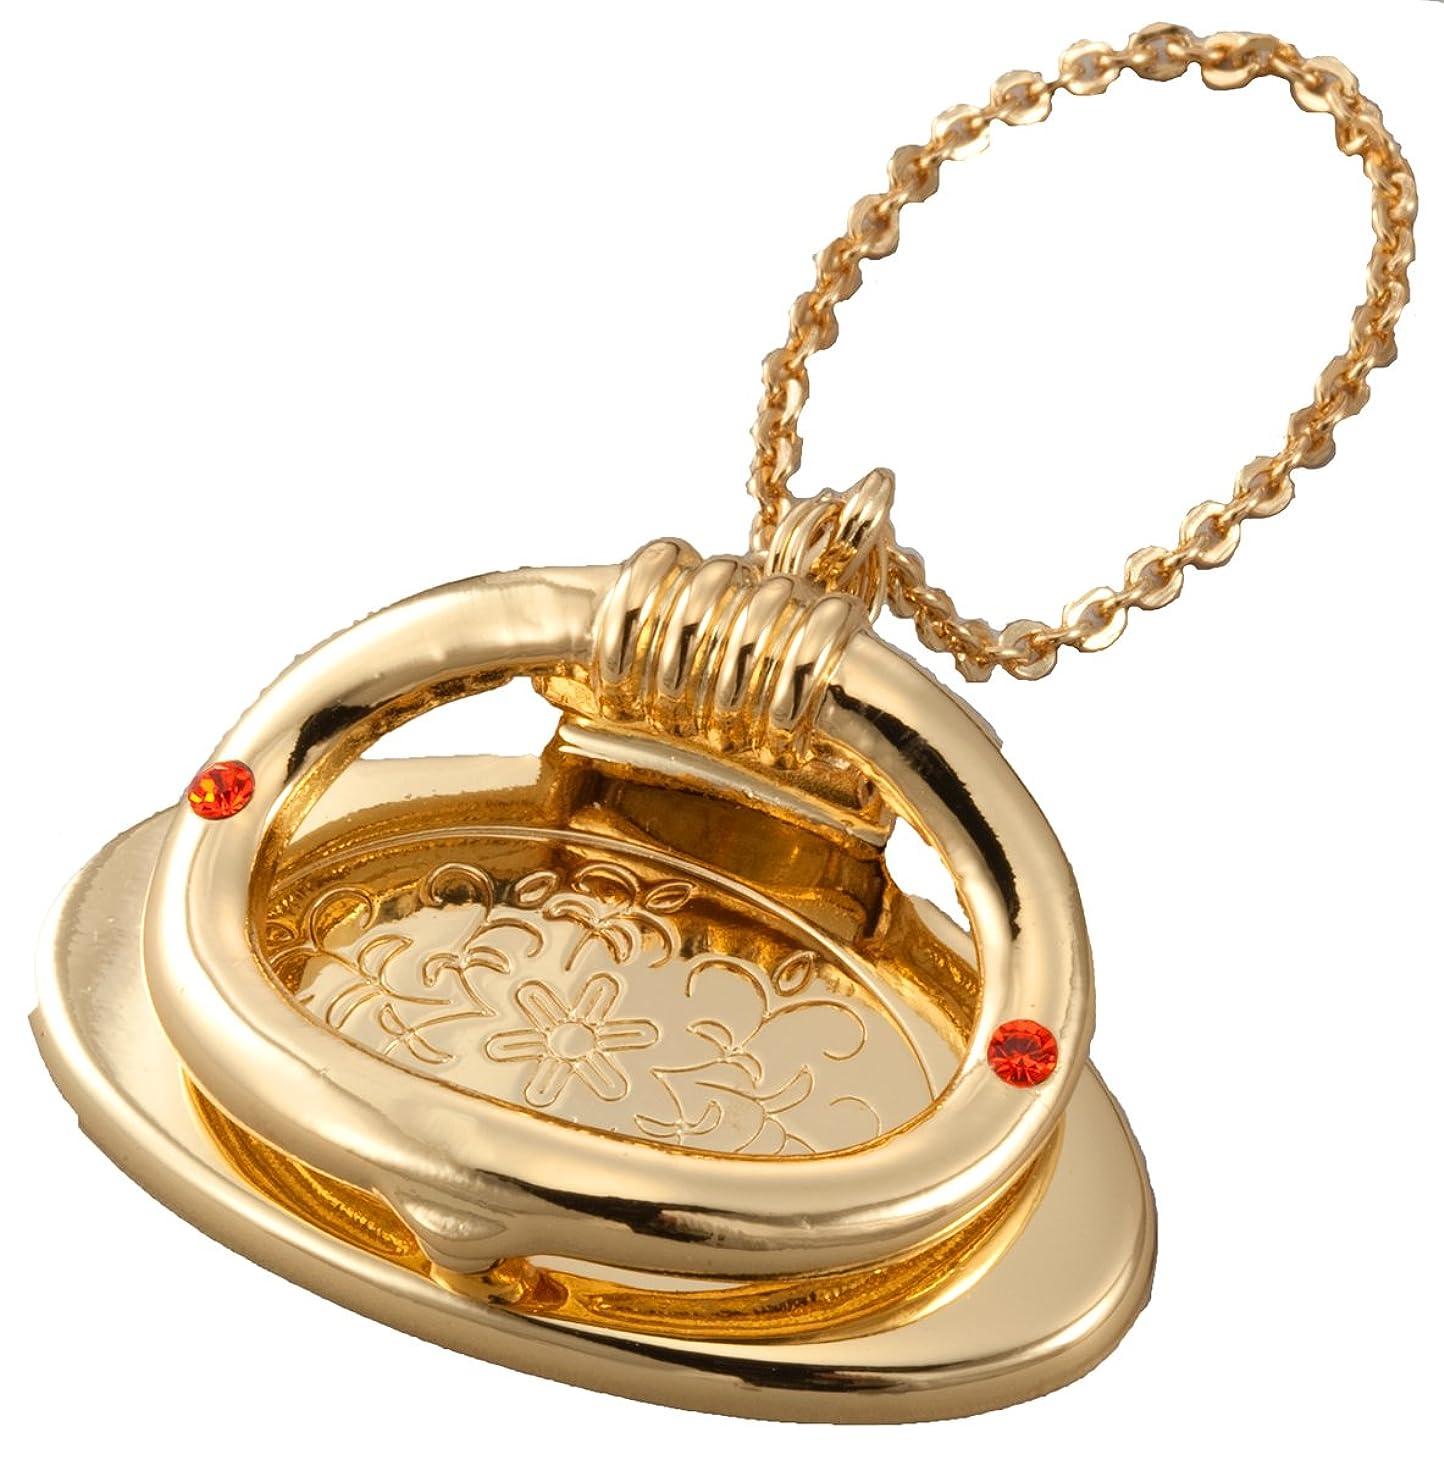 折るアソシエイトブランド名三喜工業 装飾雑貨(ファッション小物) ゴールド 5×3.5×1.5cm